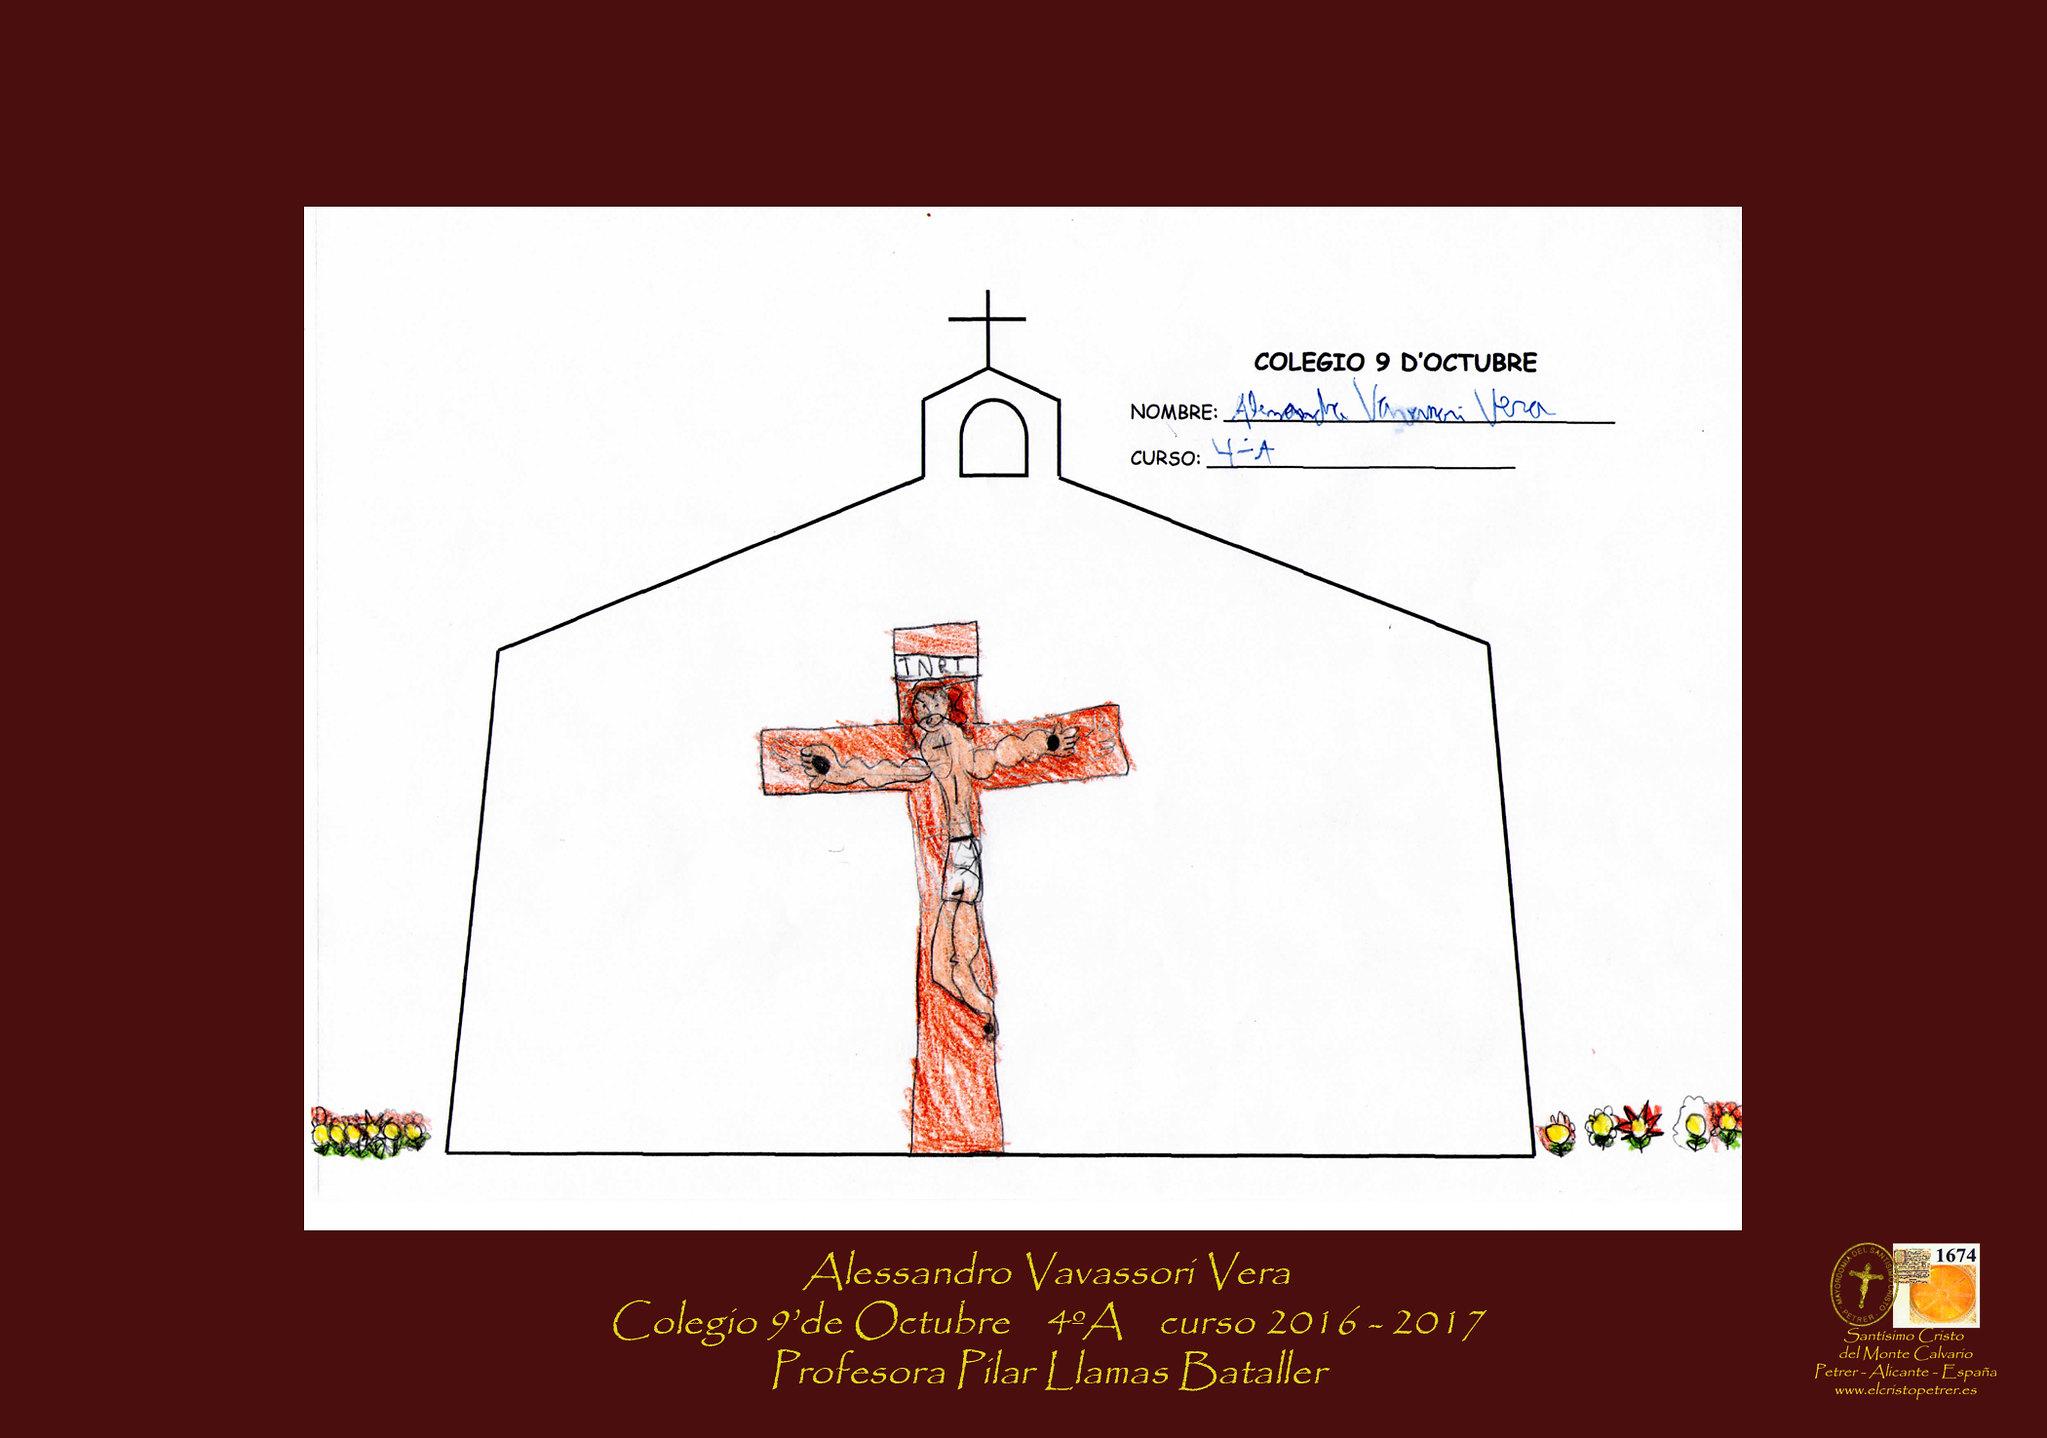 ElCristo - Actos - Exposicion Fotografica - (2017-12-01) - 9 D'Octubre - 4ºA - Vavassori Vera, Alessandro